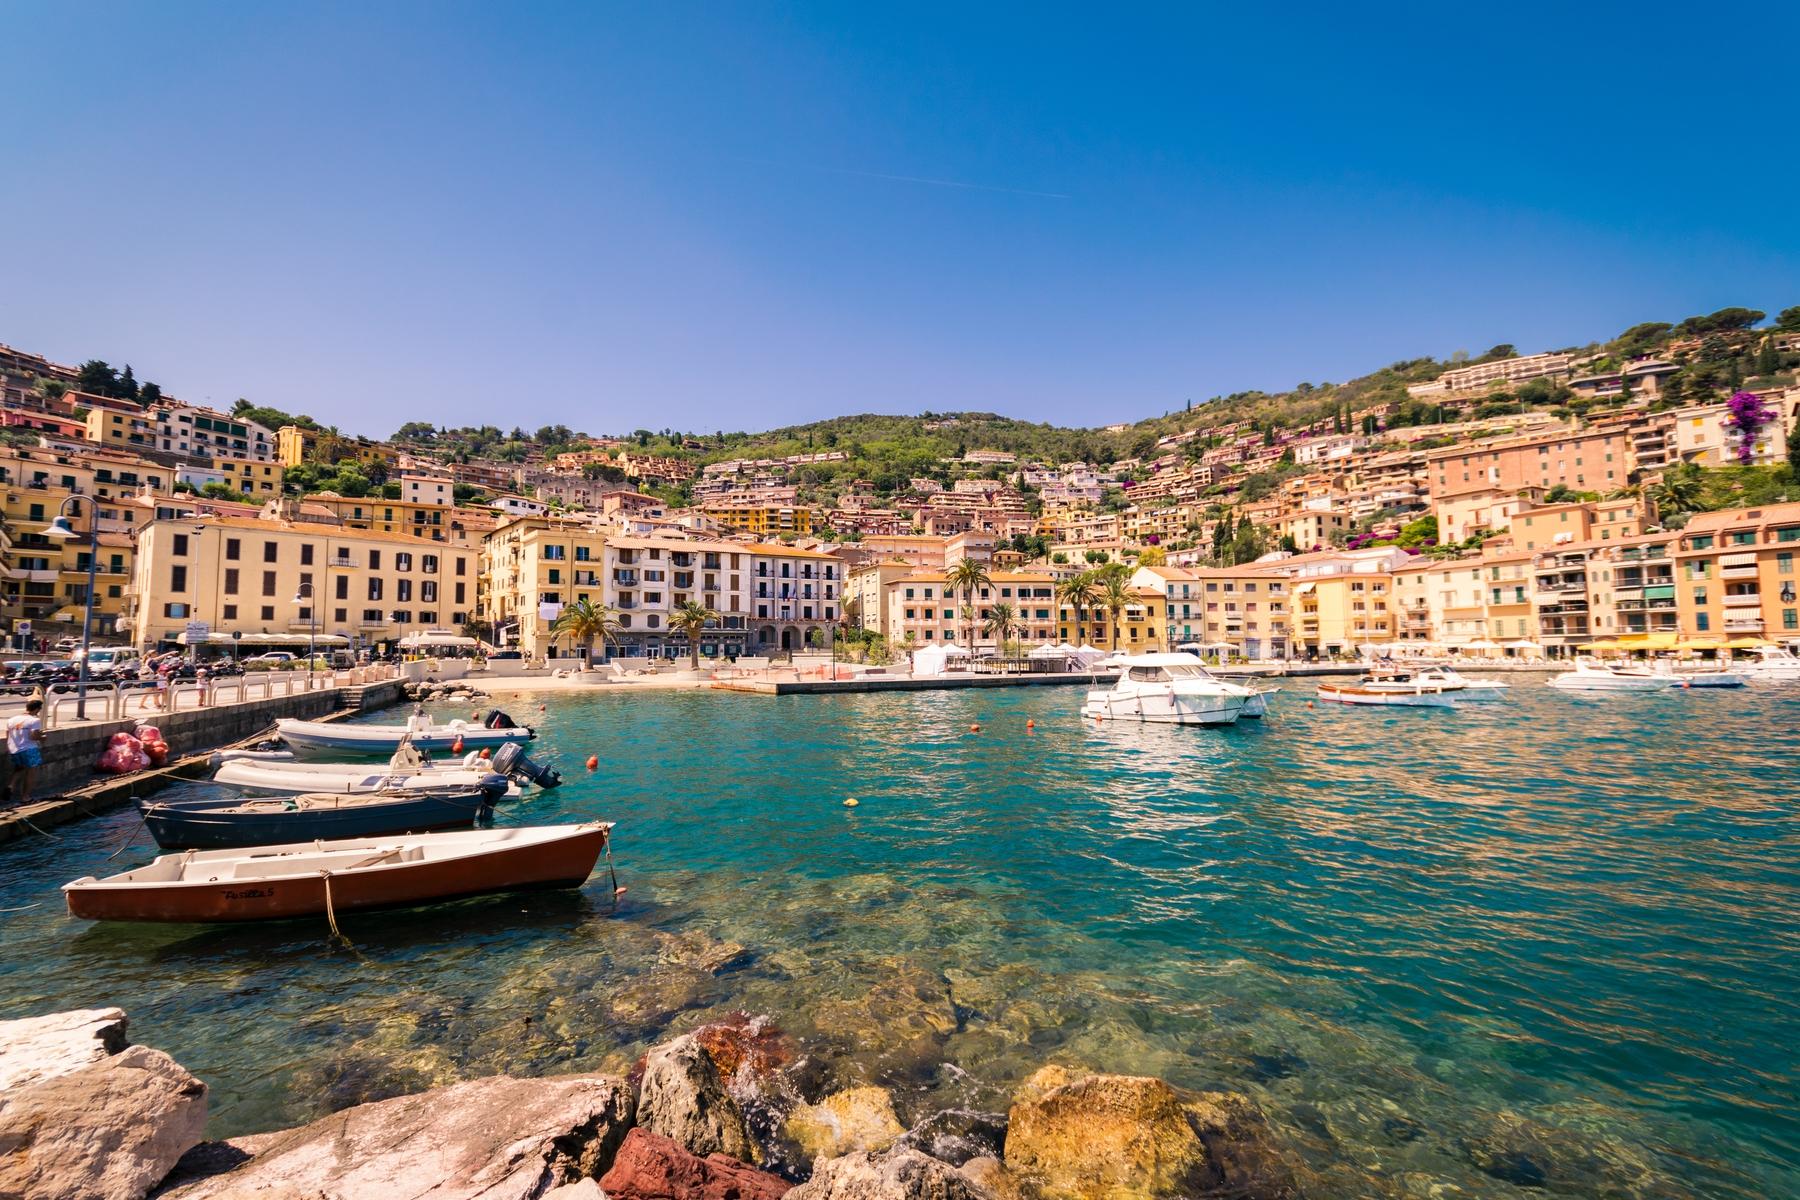 Città sul mare in Italia - Porto Santo Stefano